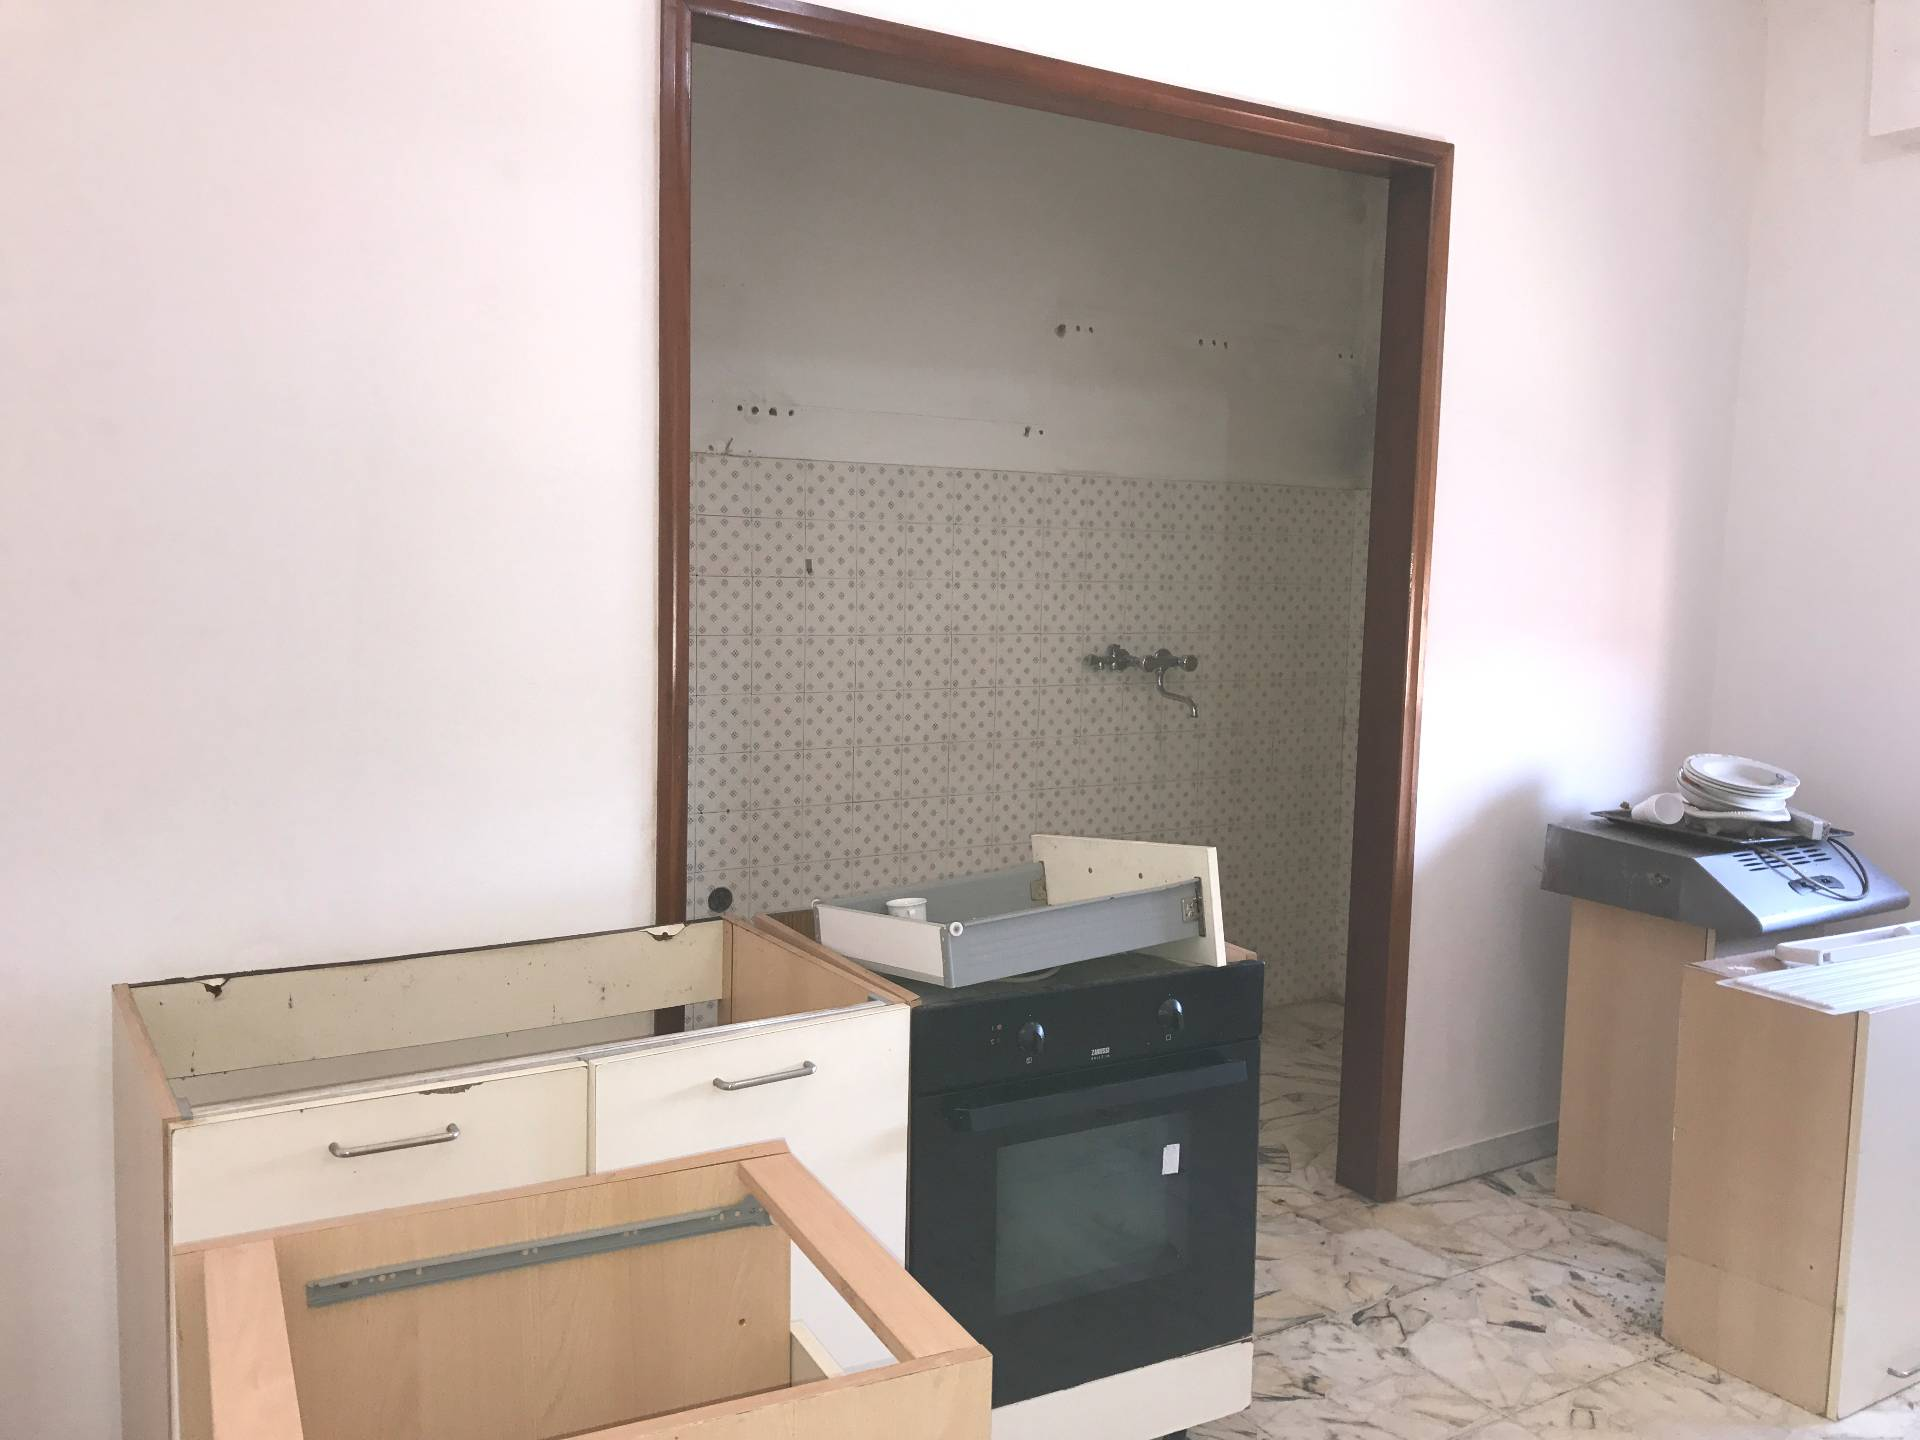 Appartamento in affitto a Capraia e Limite, 3 locali, zona Località: LimitesullArno, prezzo € 500 | CambioCasa.it